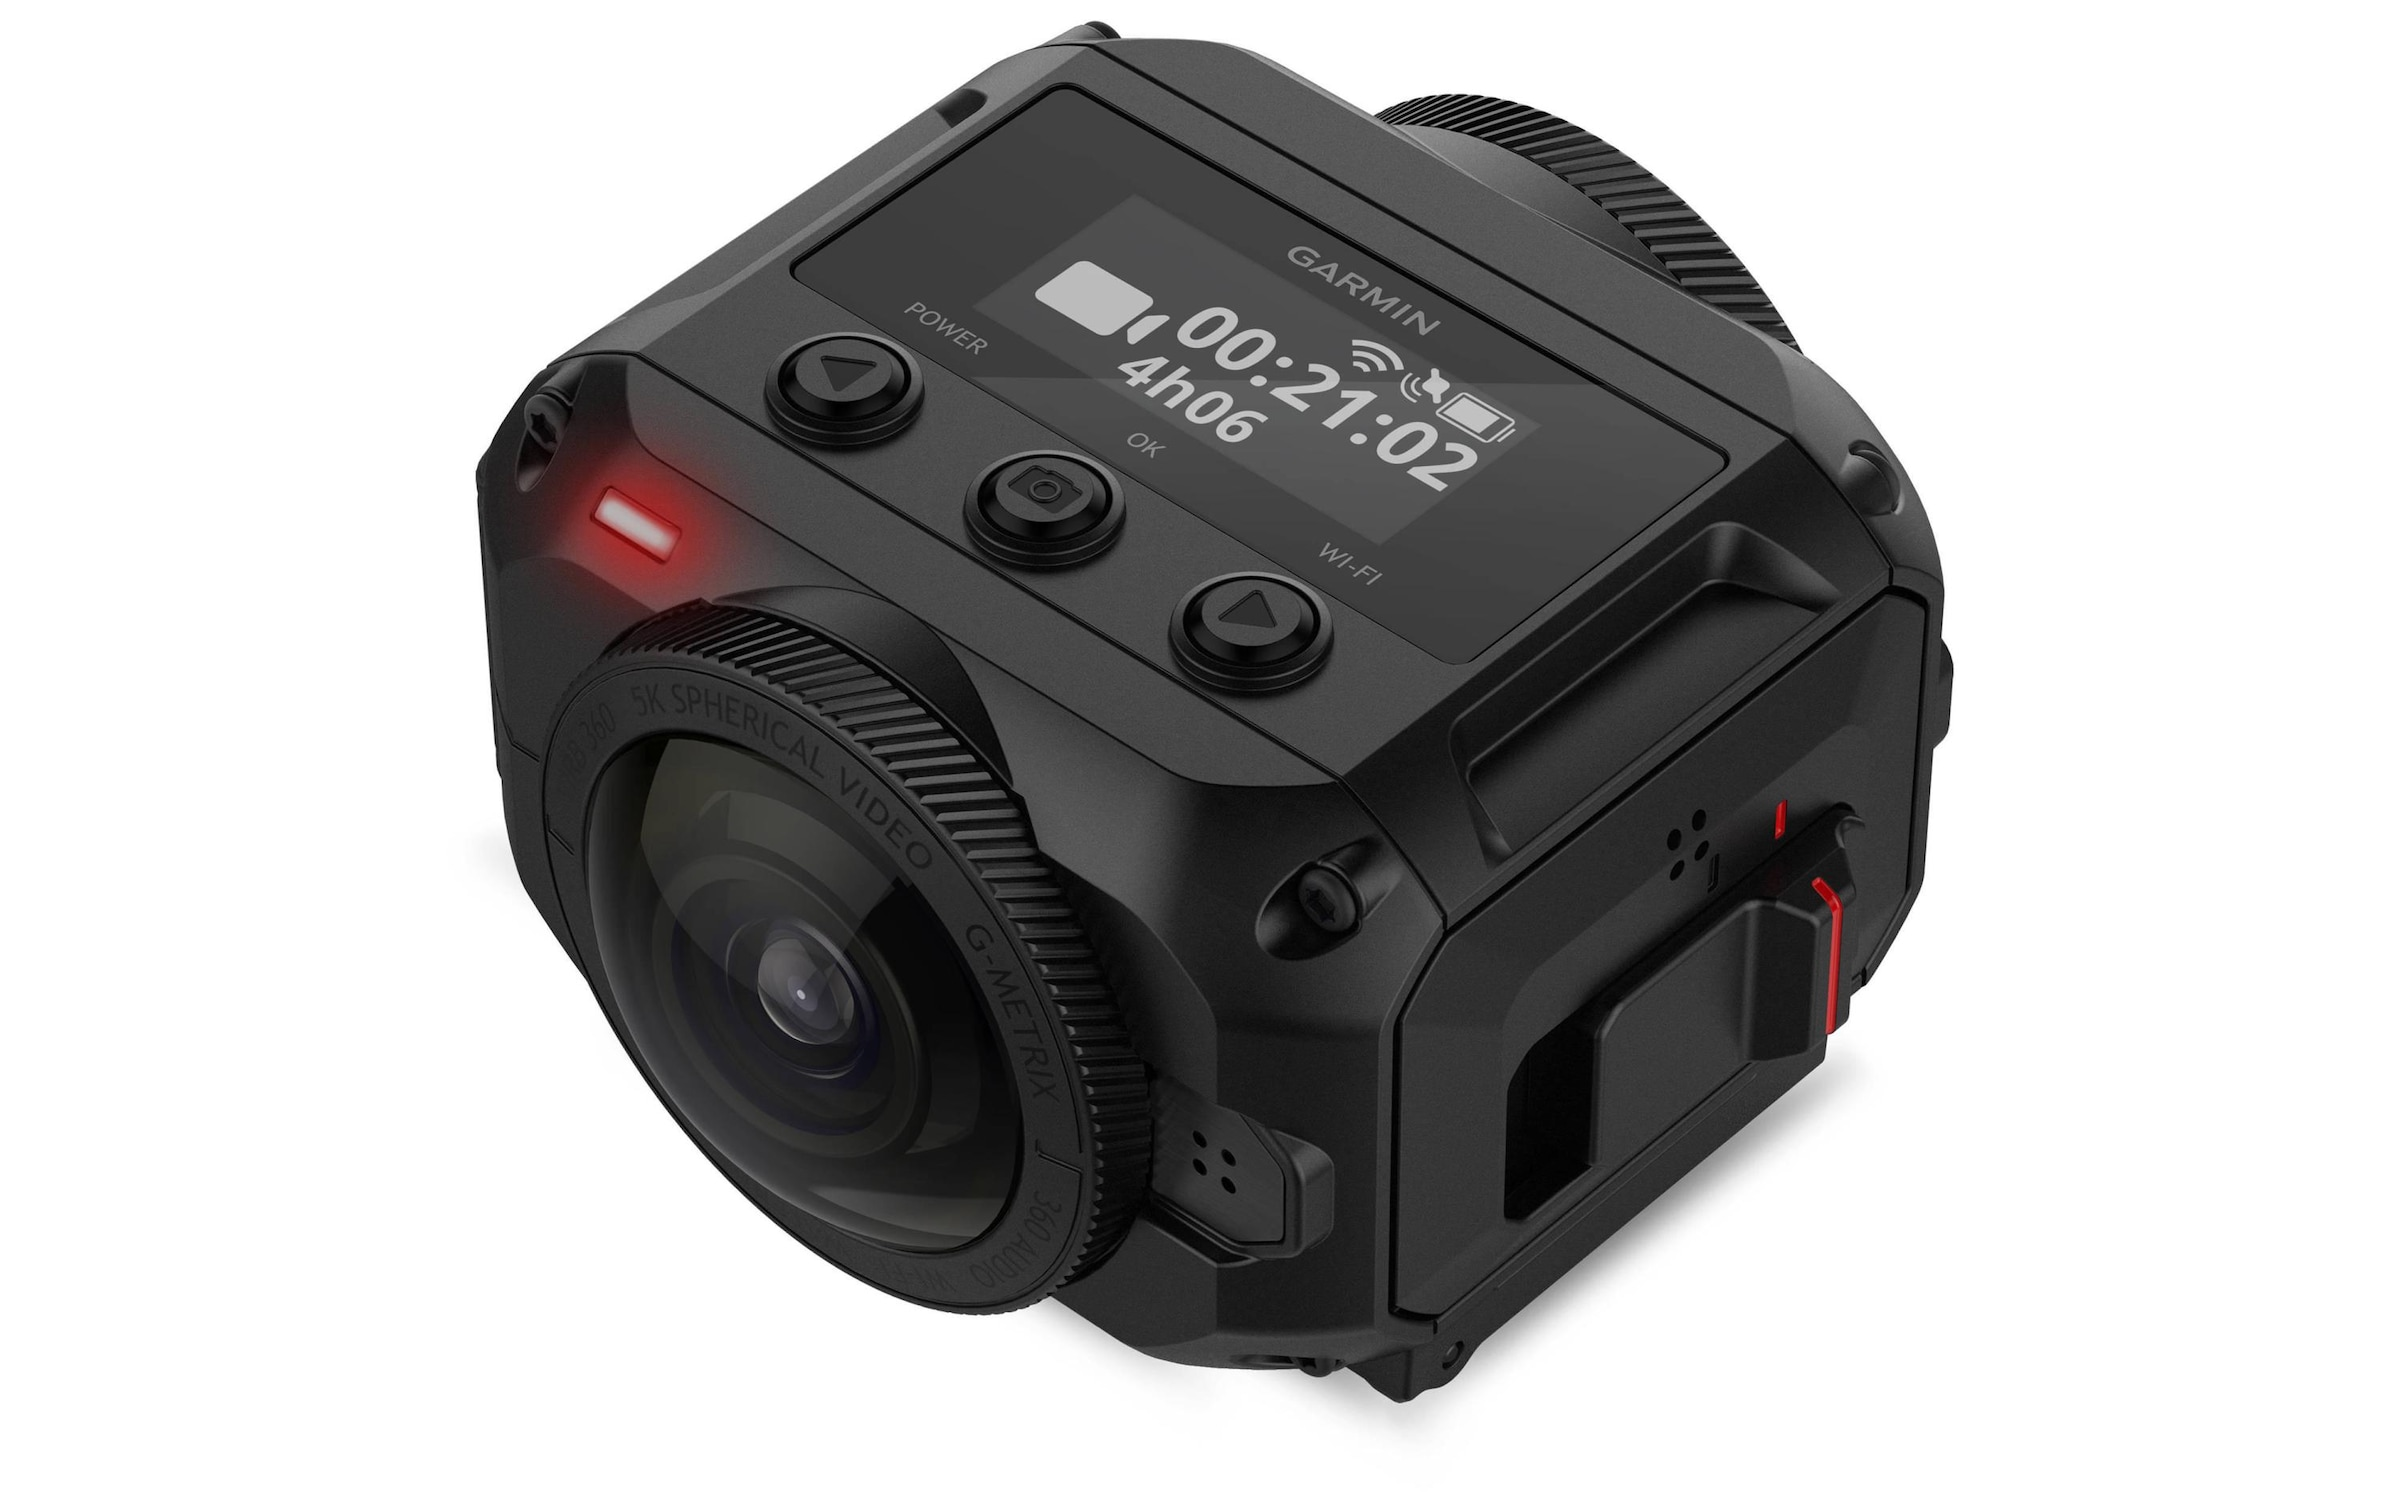 Image of Actionkamera, Garmin, »VIRB 360«